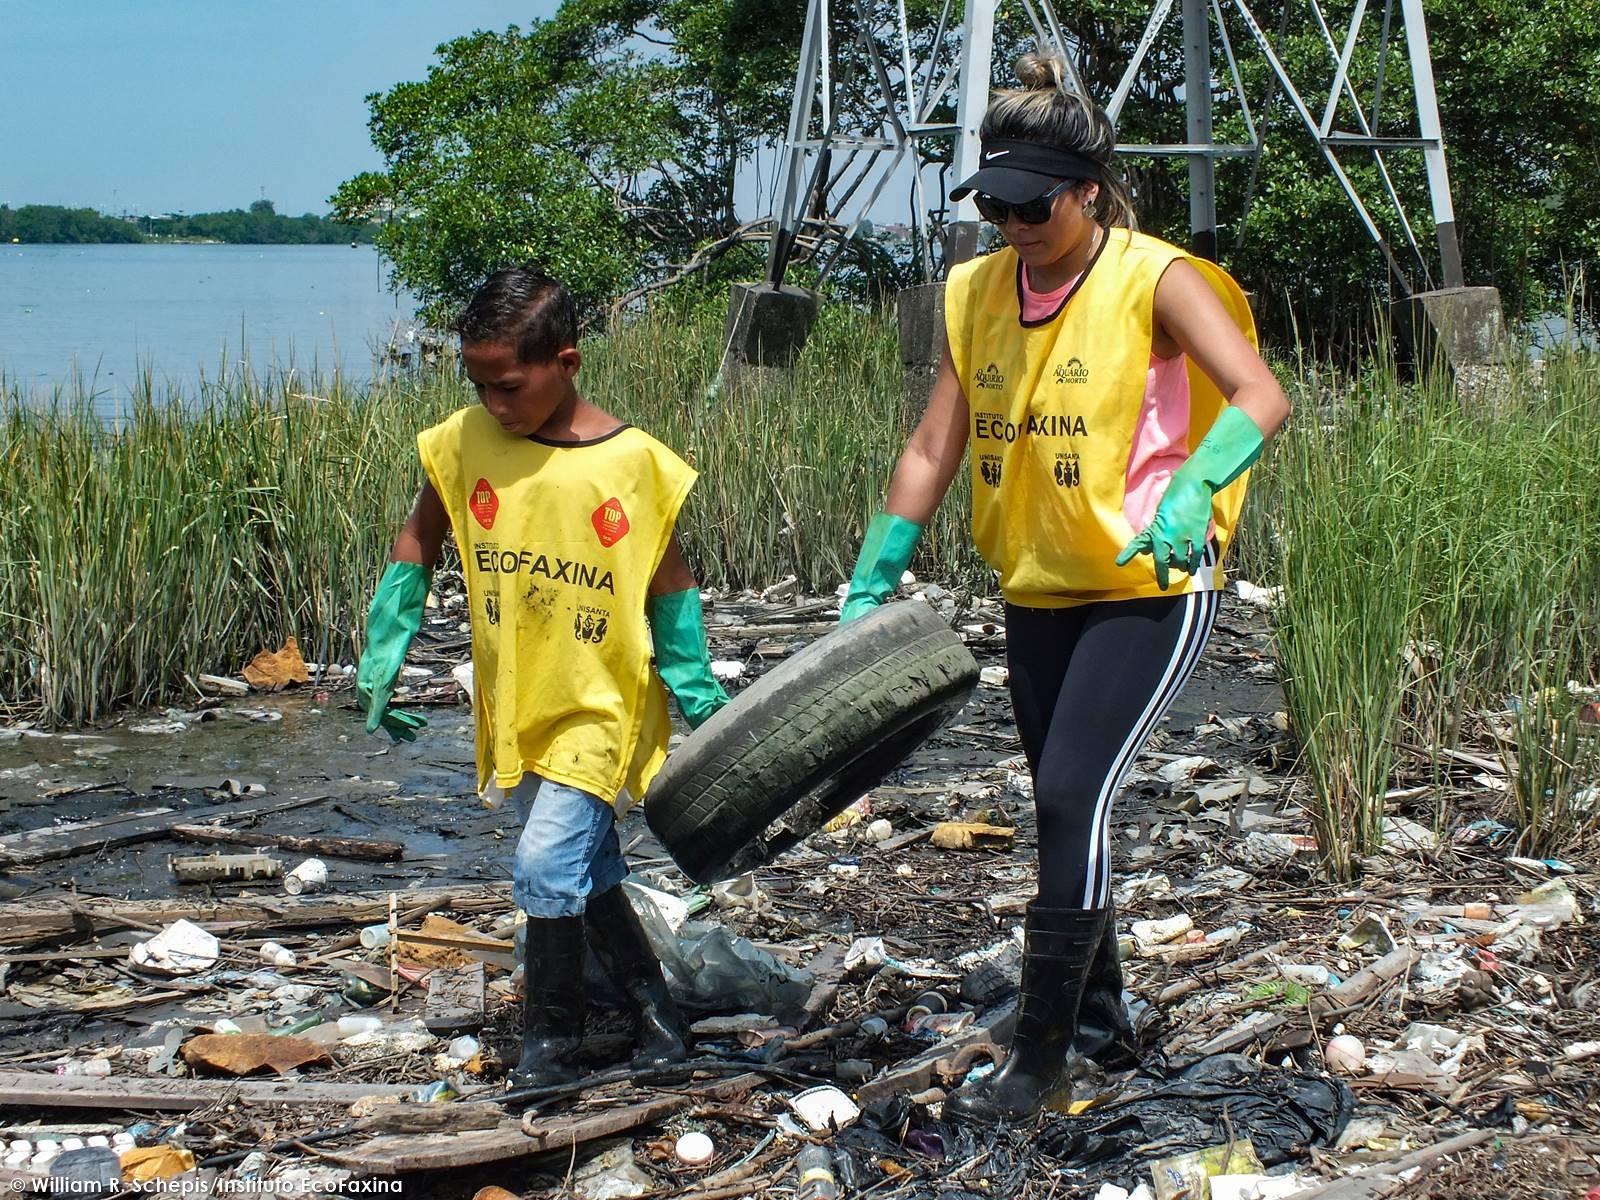 A educação ambiental é importante, mas se torna ineficaz quando falta política pública habitacional acompanhada por ações de recuperação e preservação ambiental.